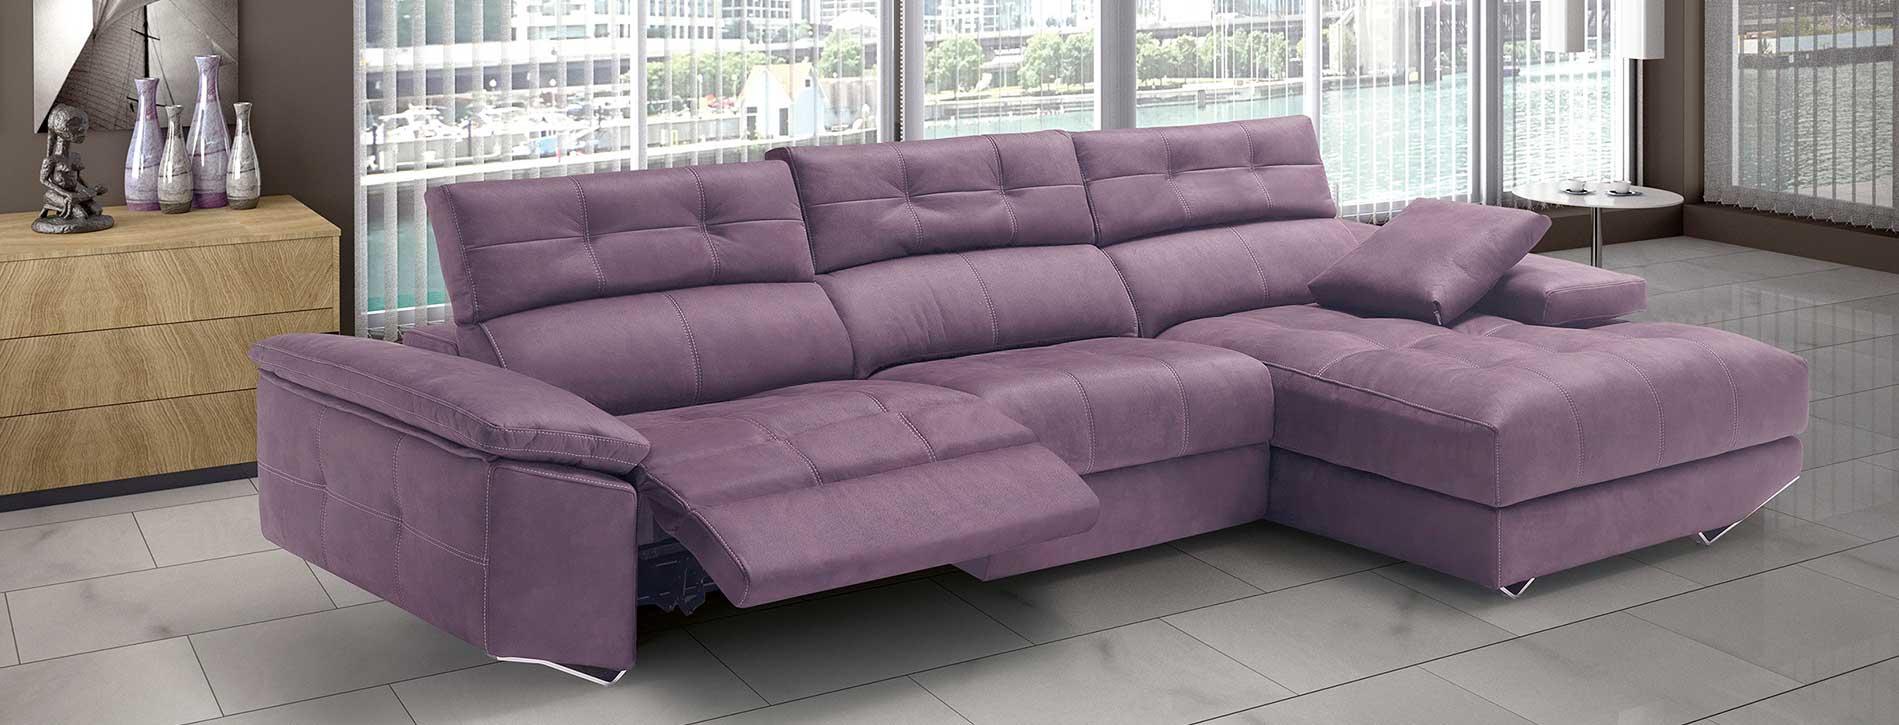 sofas-modernos-General-Divani-muebles-paco-caballero-1824-5cb617a35e35d